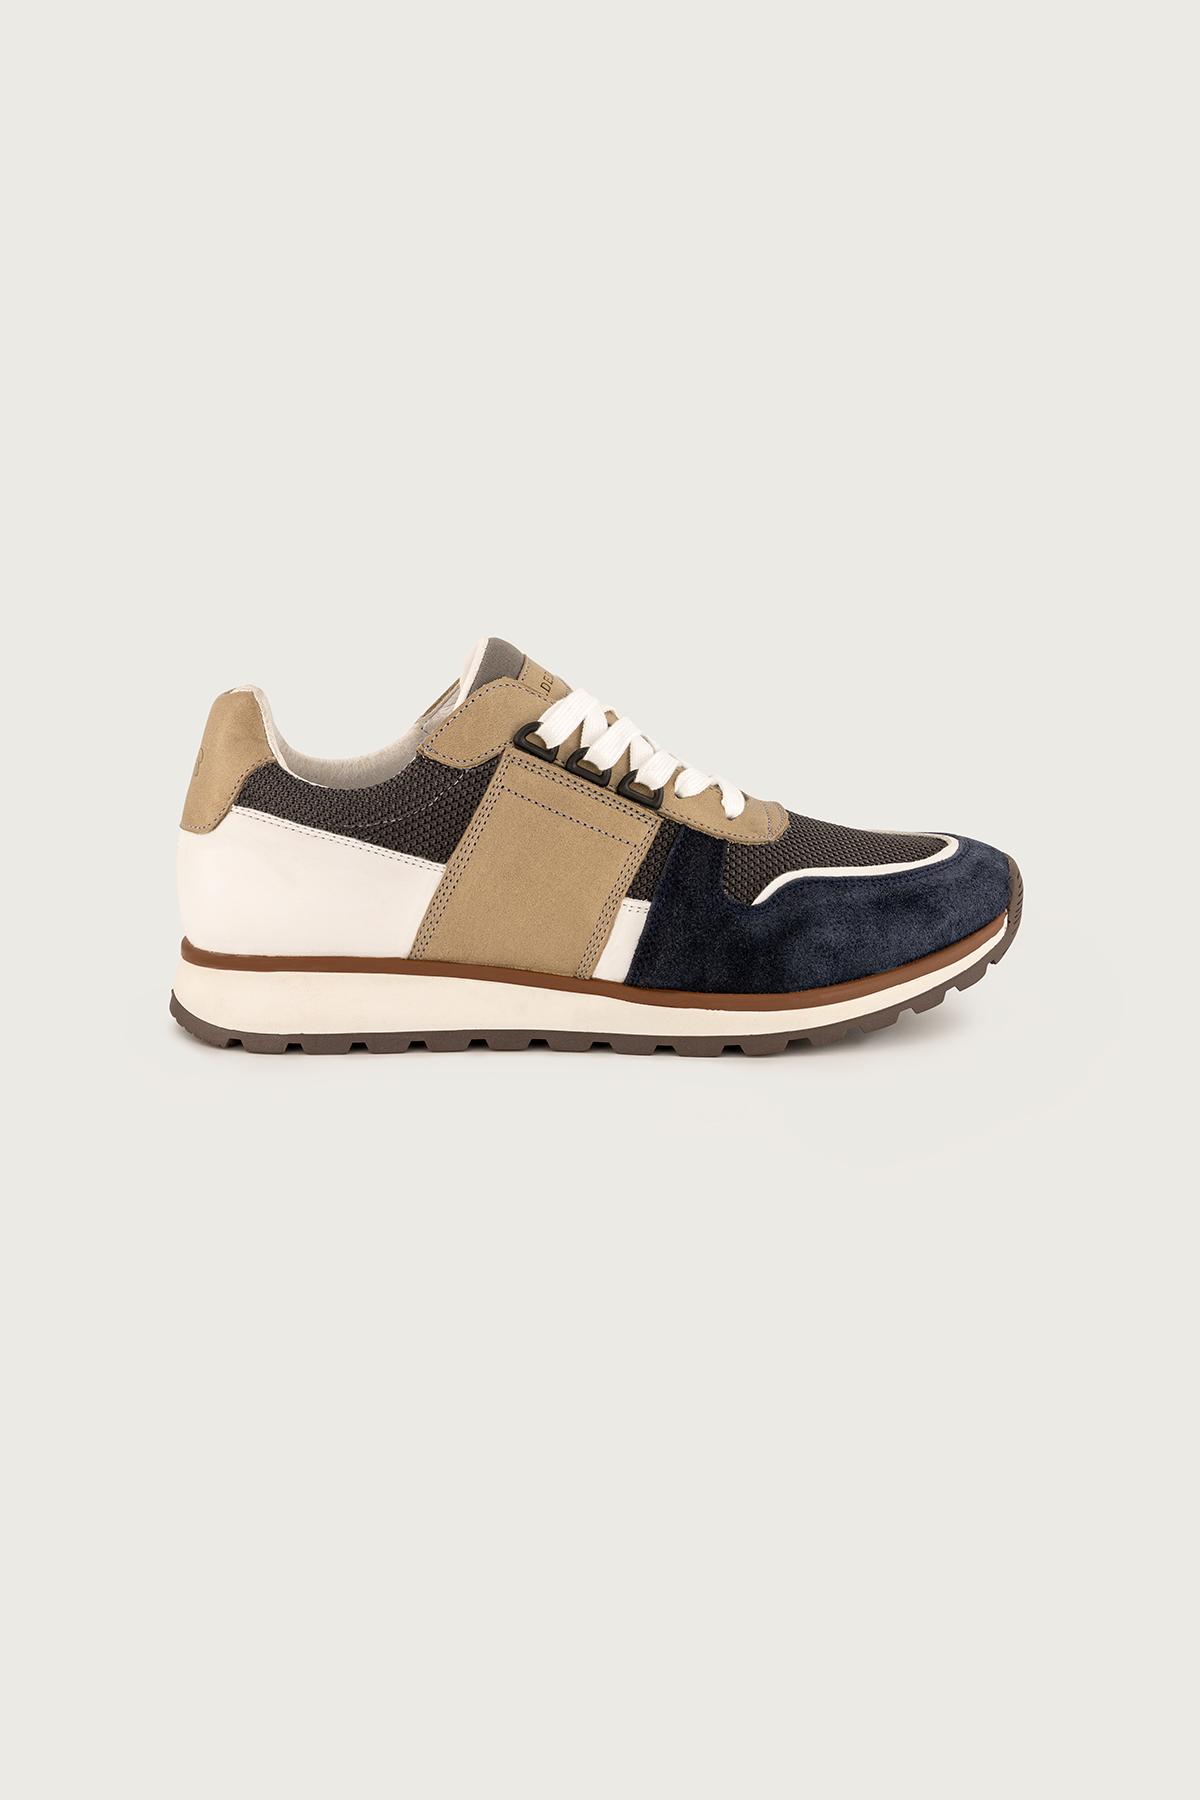 Sneakers Calderoni, modelo Cerdeña color azul.